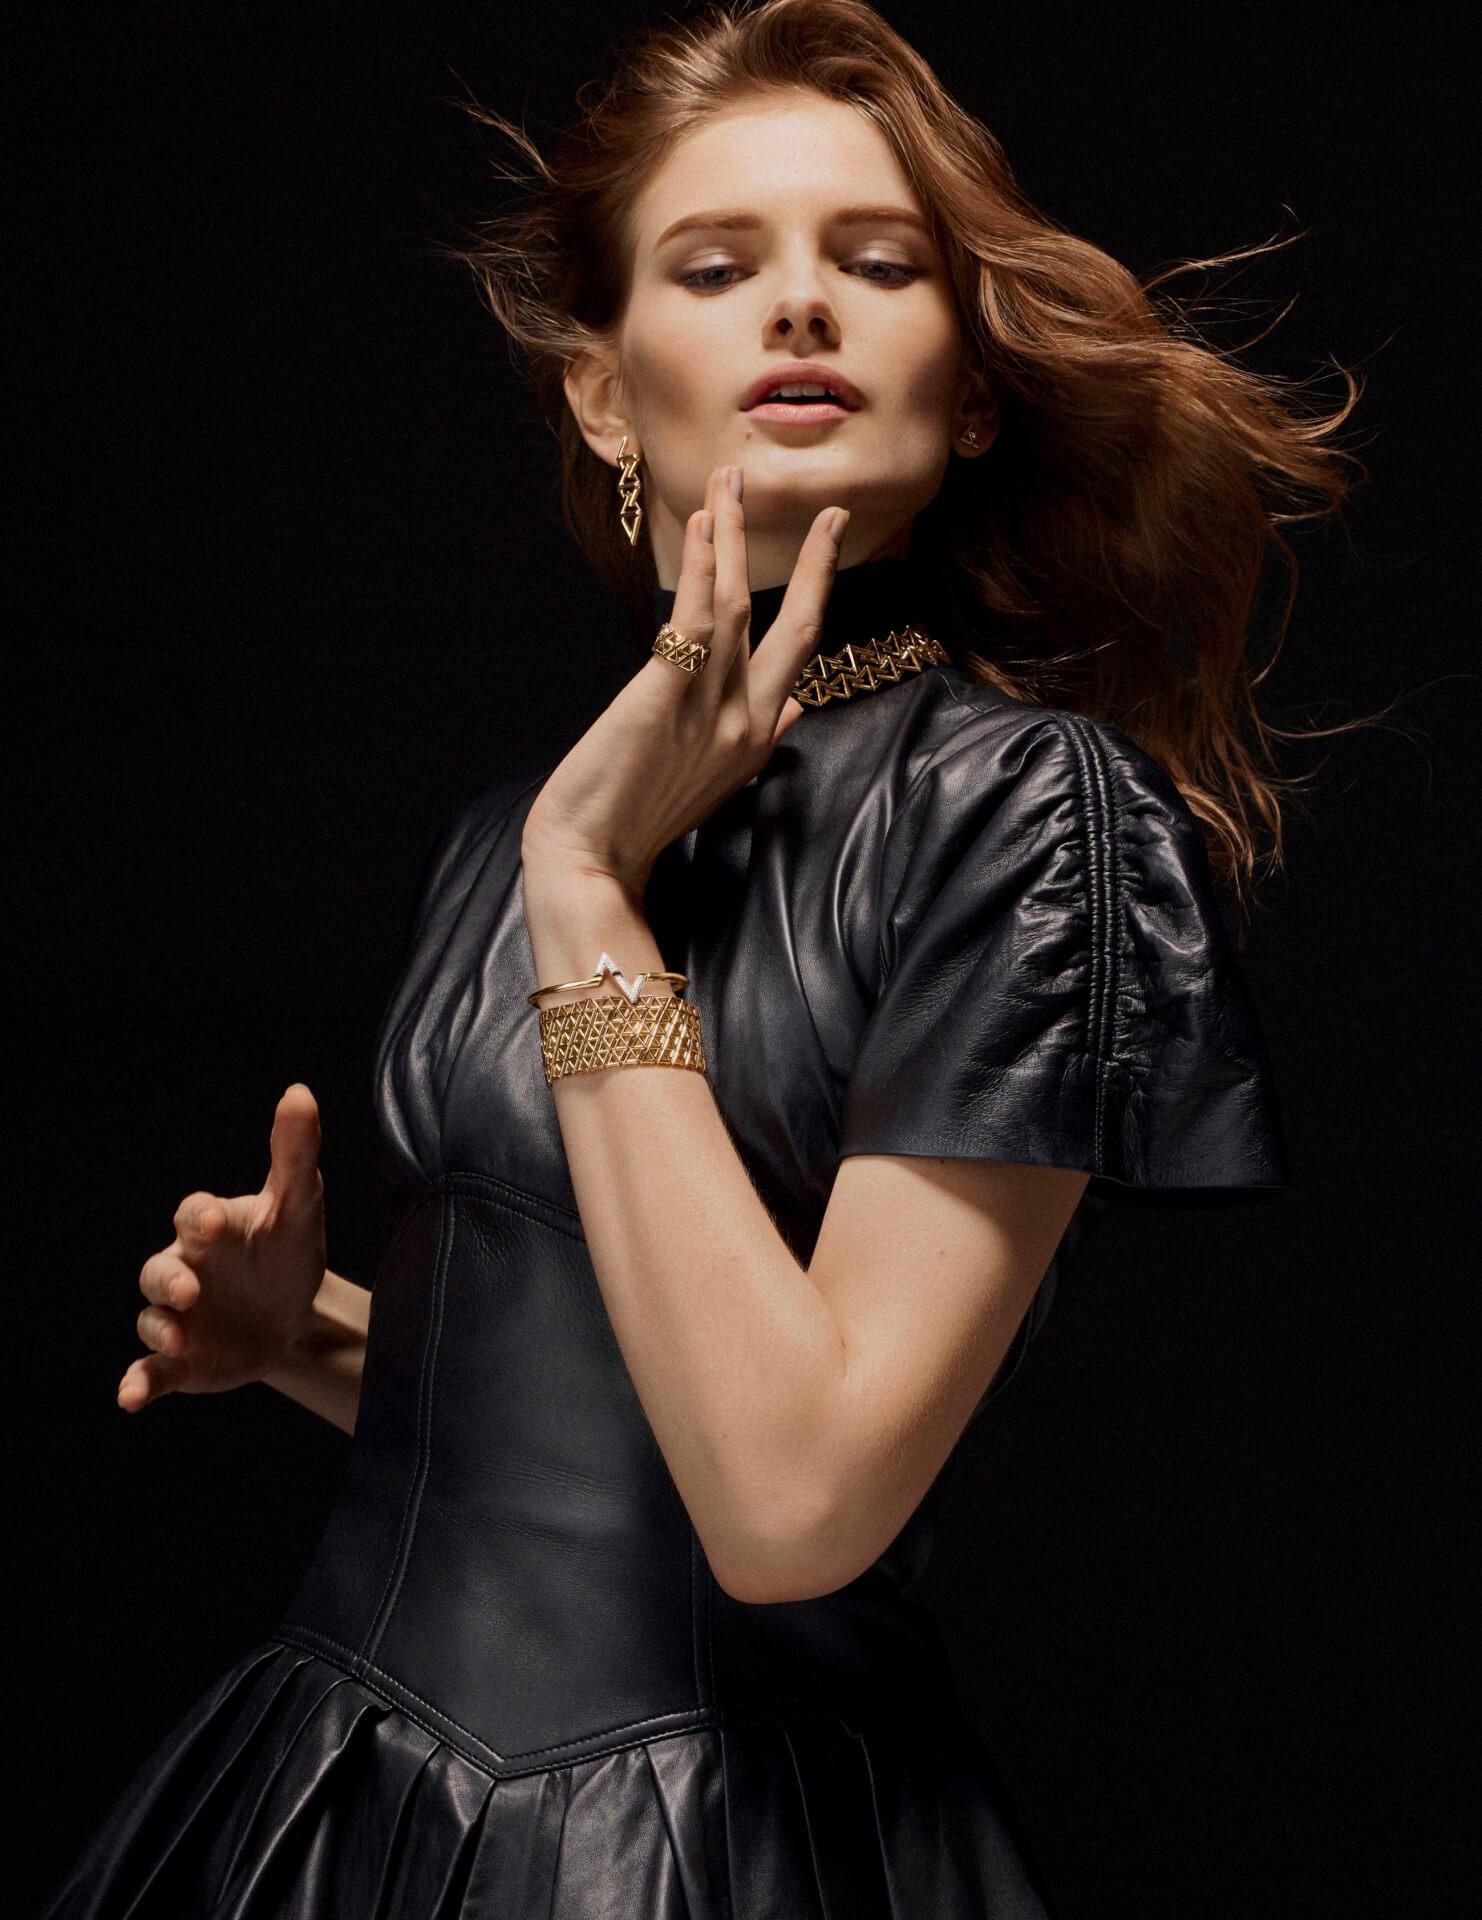 ルイ・ヴィトンから新作ジュエリーコレクション「LV ヴォルト」が発売決定!ブランド初となるユニセックスのデザインに fashion2020728_louisvuitton2